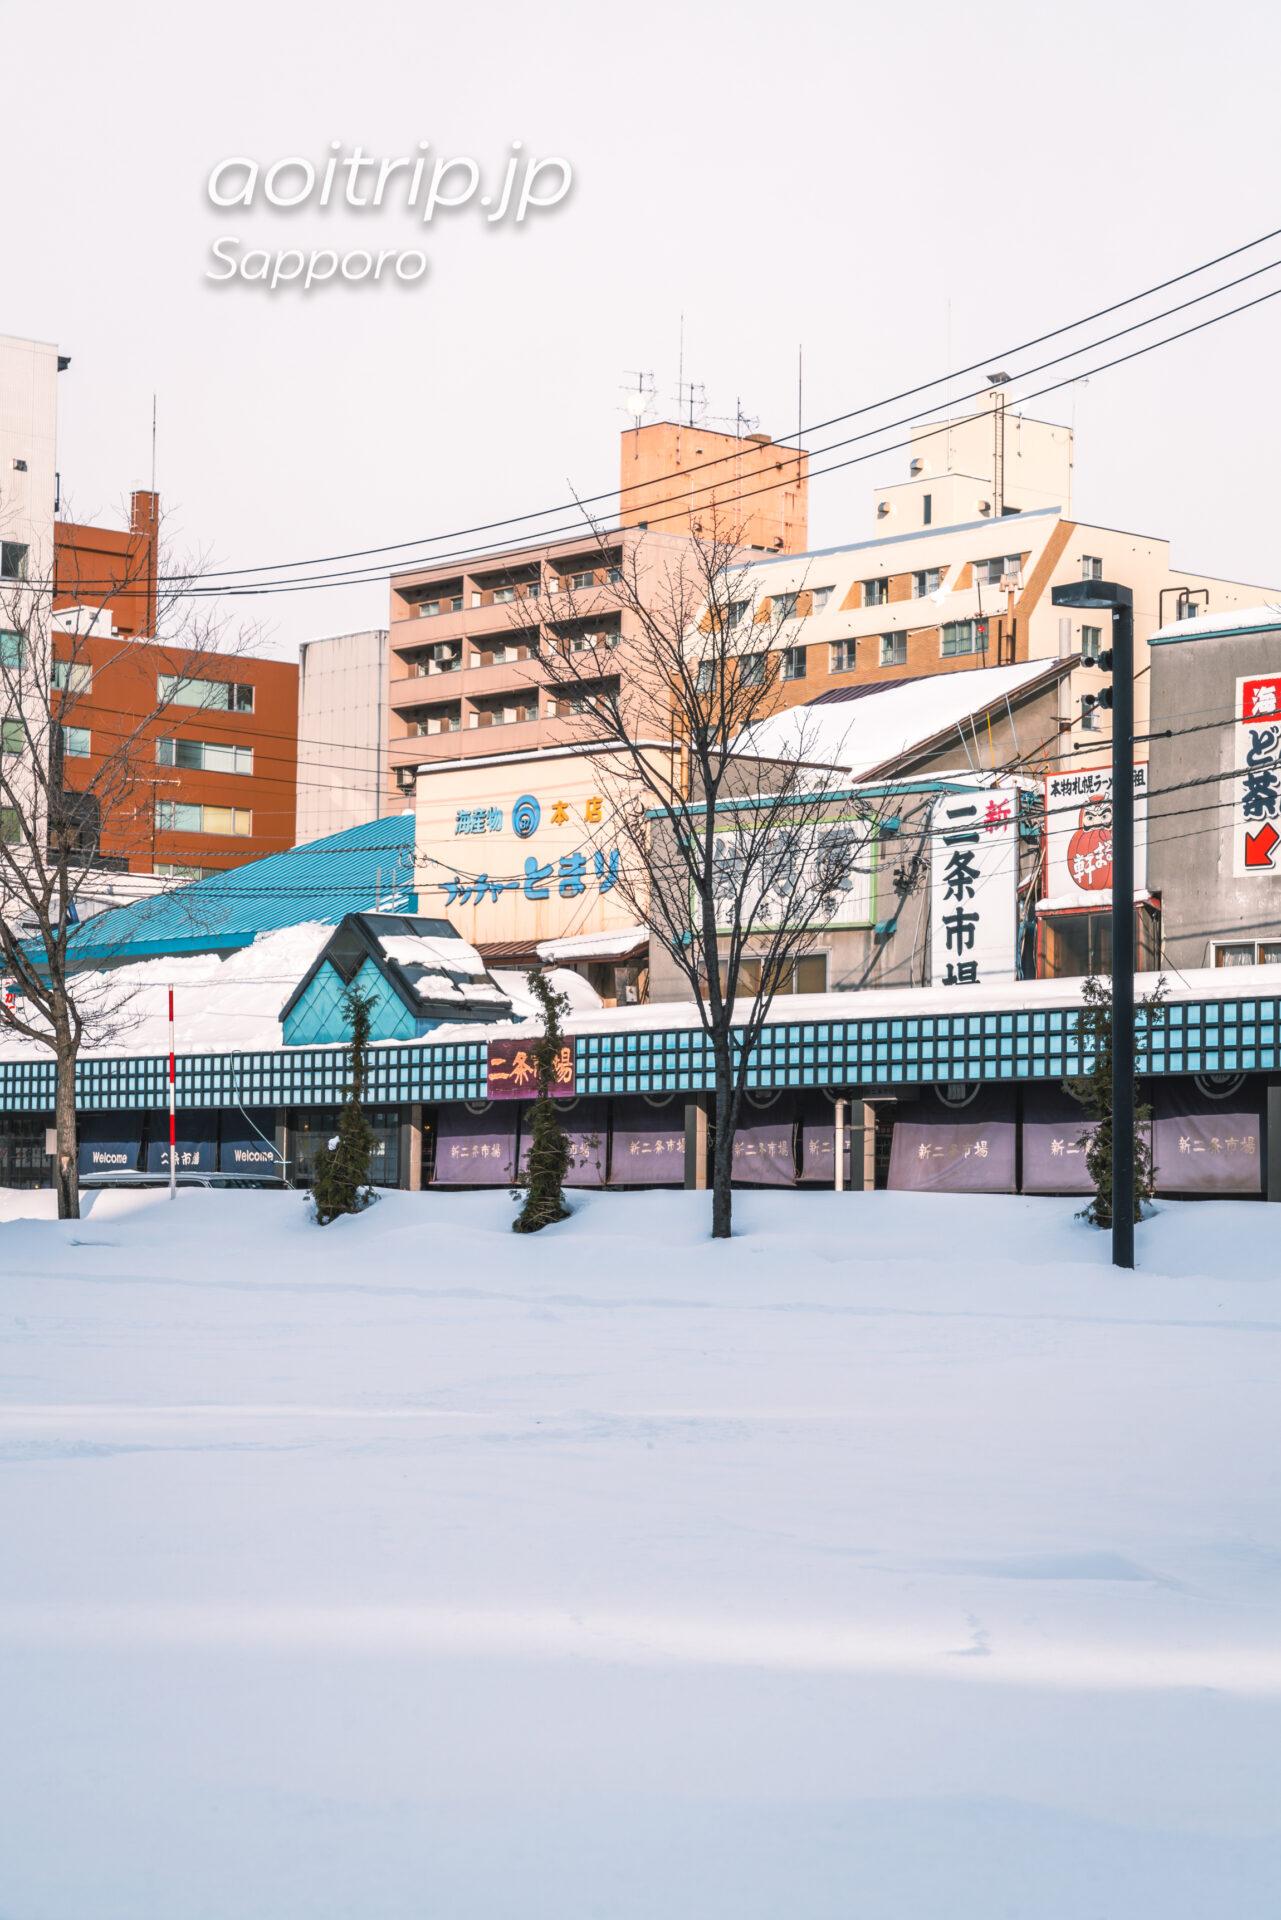 冬の雪景色と二条市場